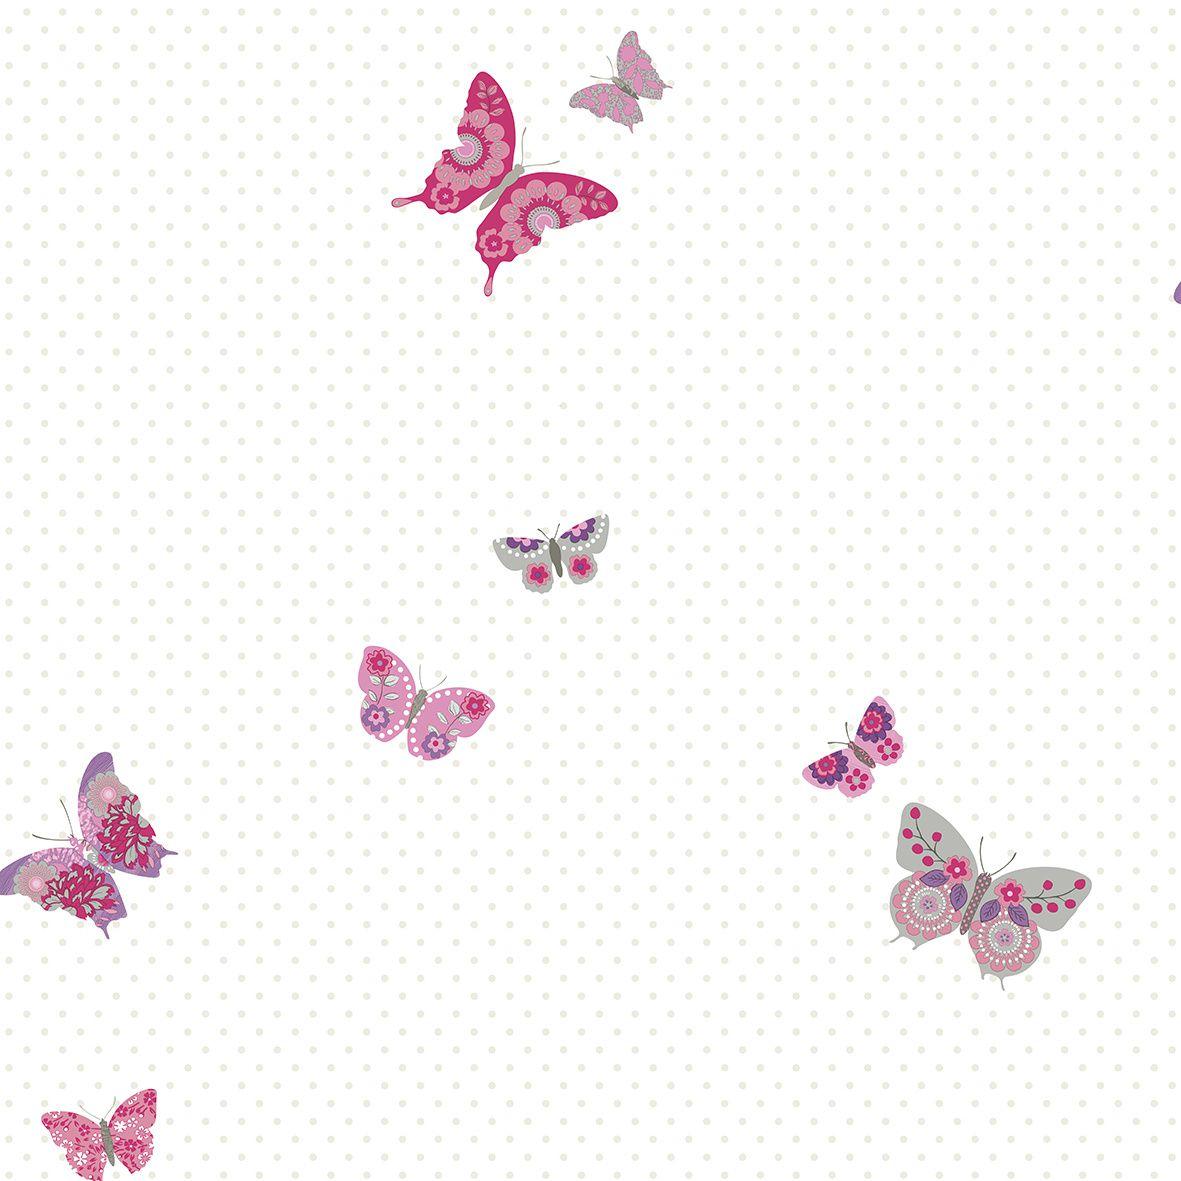 Papel de parede  Infantil Coleção Olá Baby 2 Poá Borboletas Creme, Rosa, Lilás, Cinza